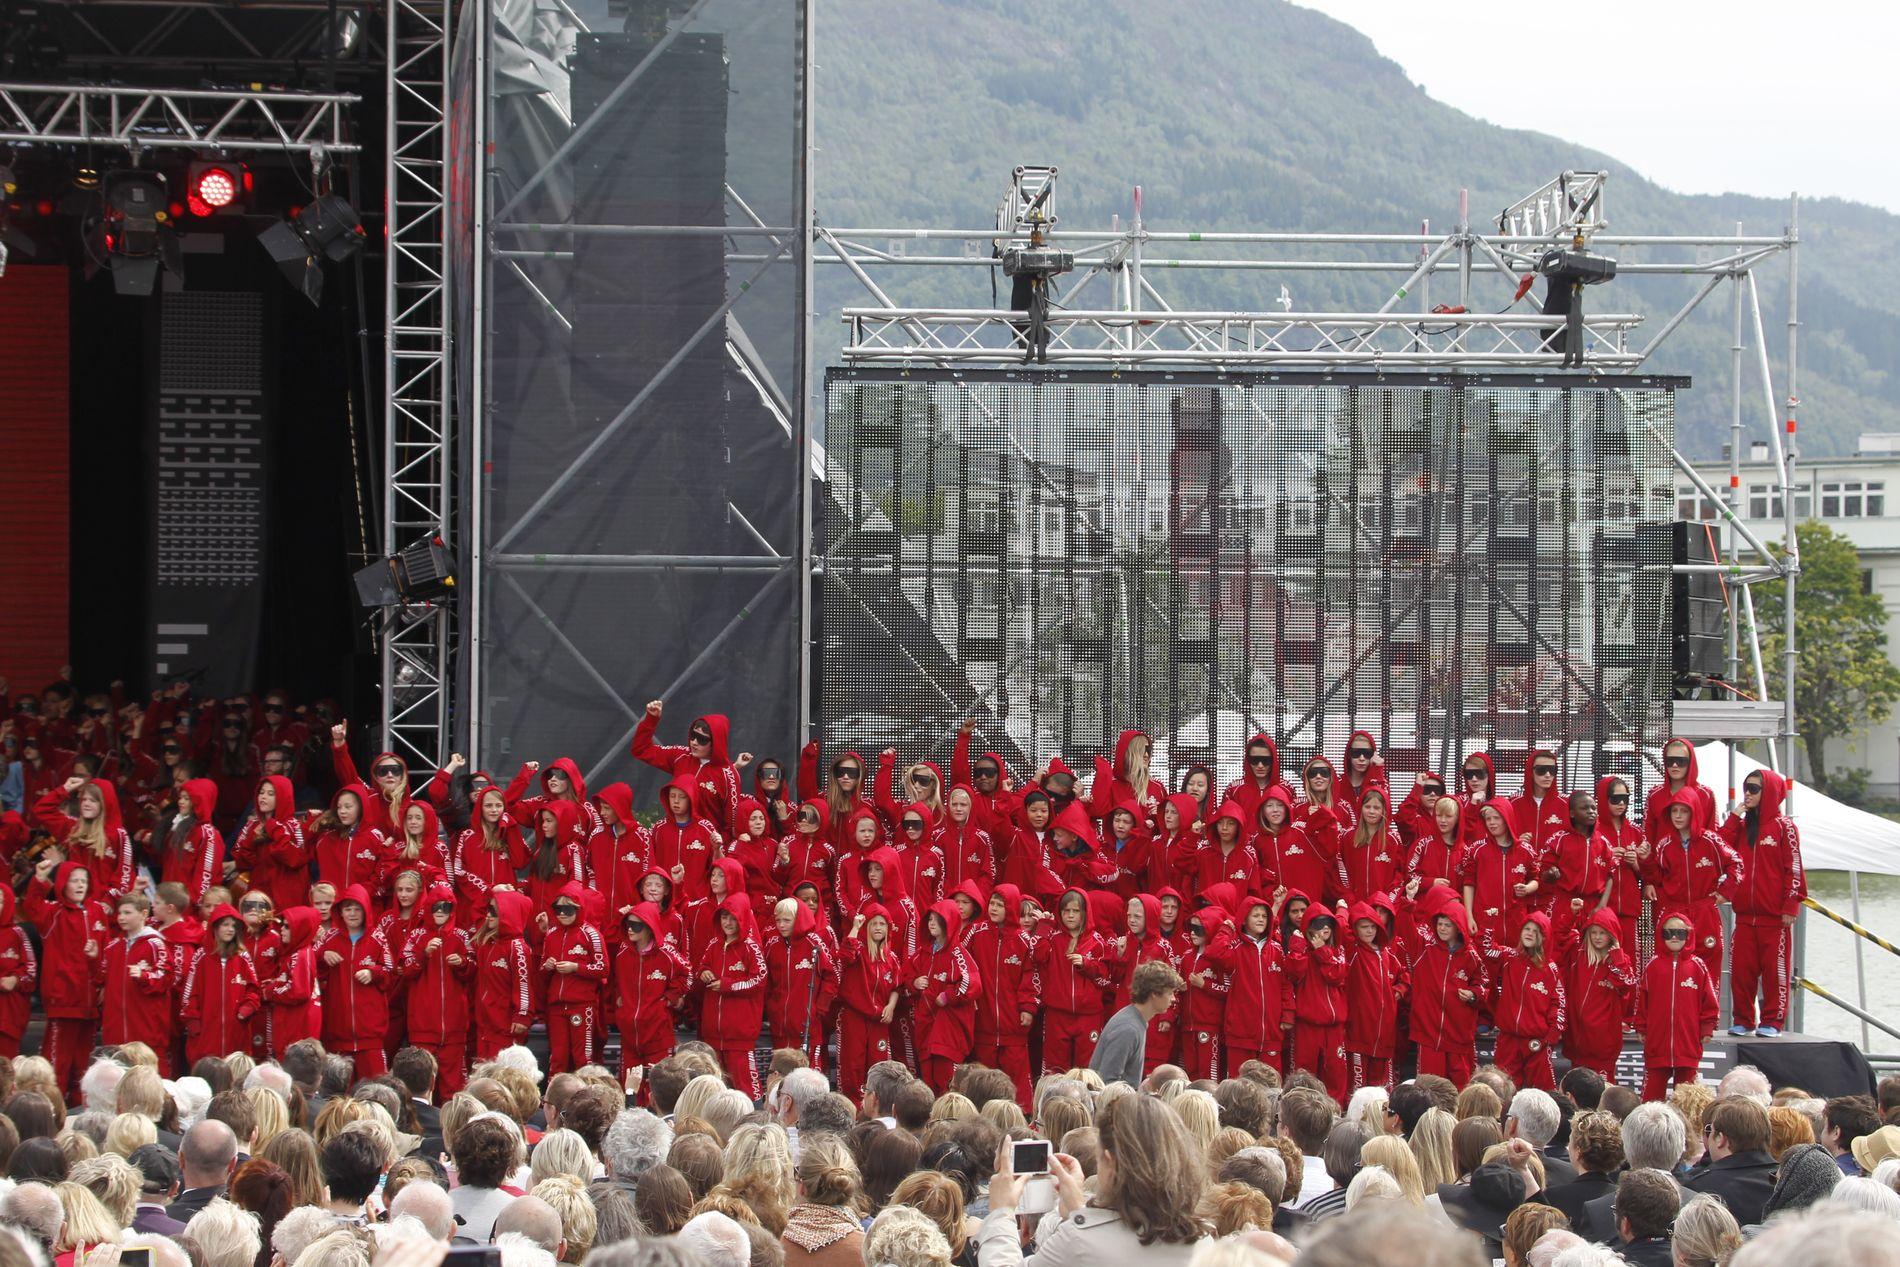 ATTRAKTIV: Festspillene i Bergen er av dei aller flinkaste til å skaffe private tilskot, og fekk nesten fire millionar kroner i statleg gåveforsterking i år. Her er Datarock og eit barnekor under festspelopninga i 2014.